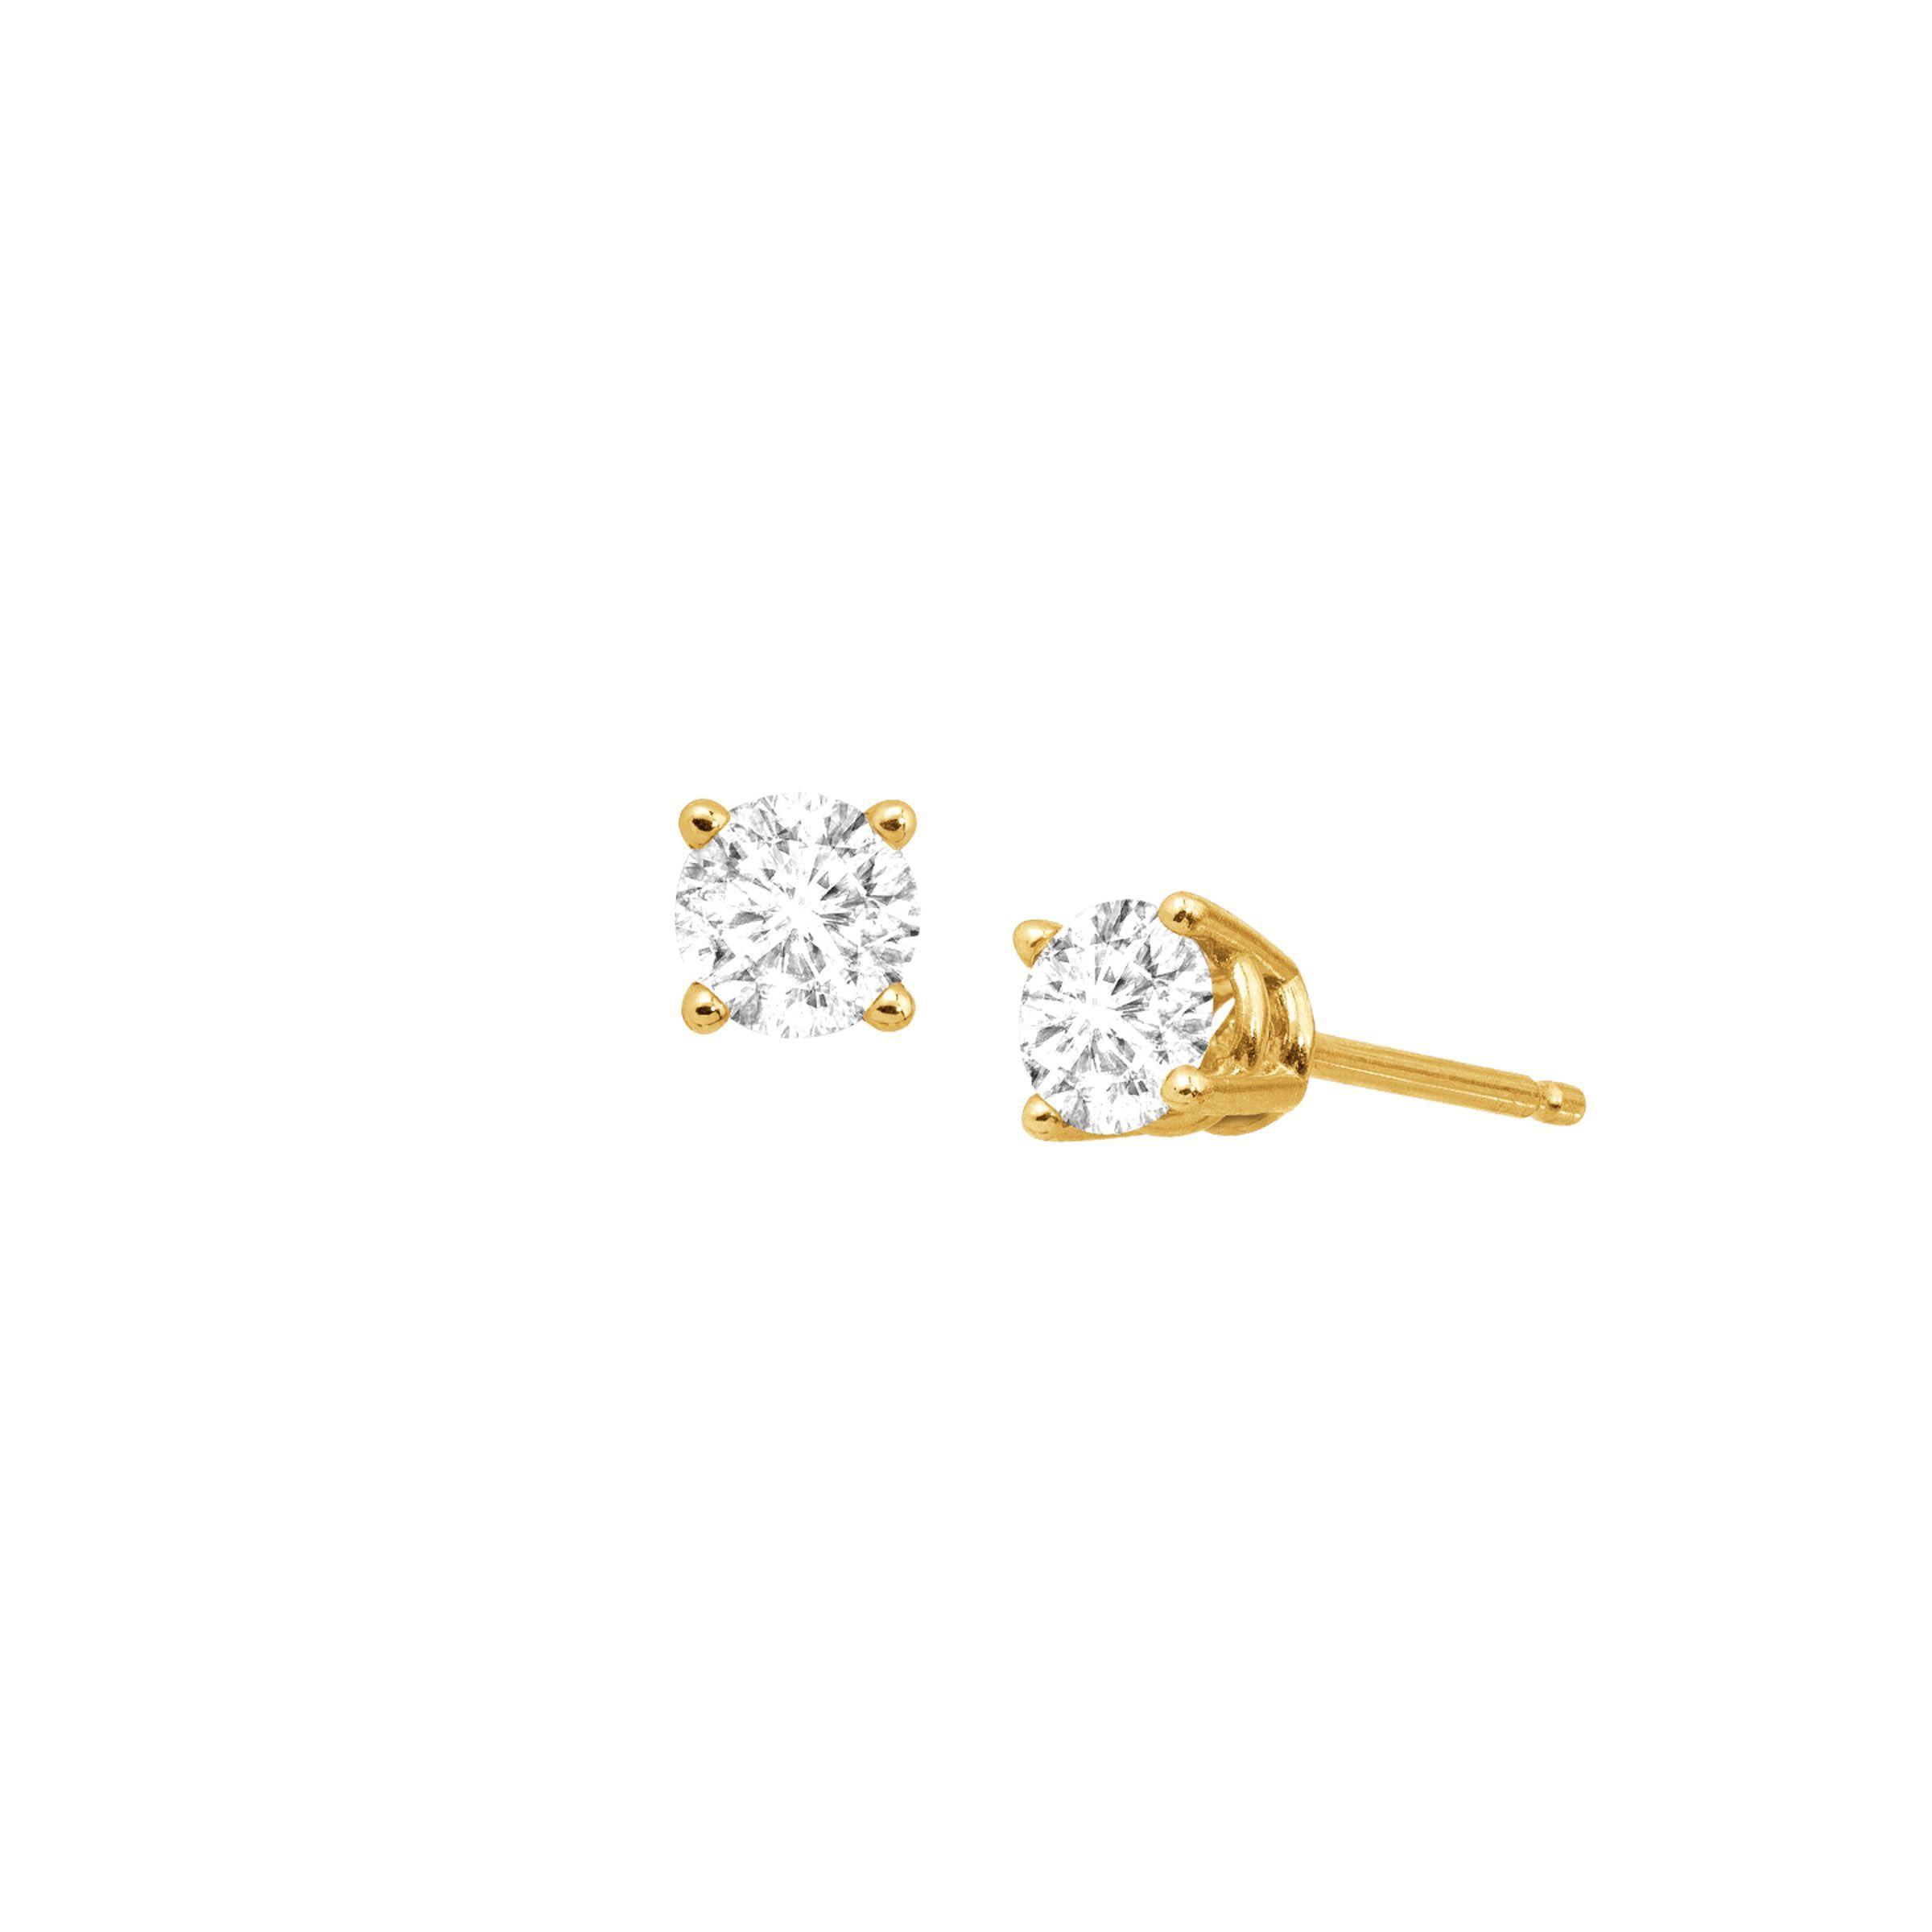 1 2 ct Diamond Stud Earrings in 14K Gold 882773680418  eb819849de